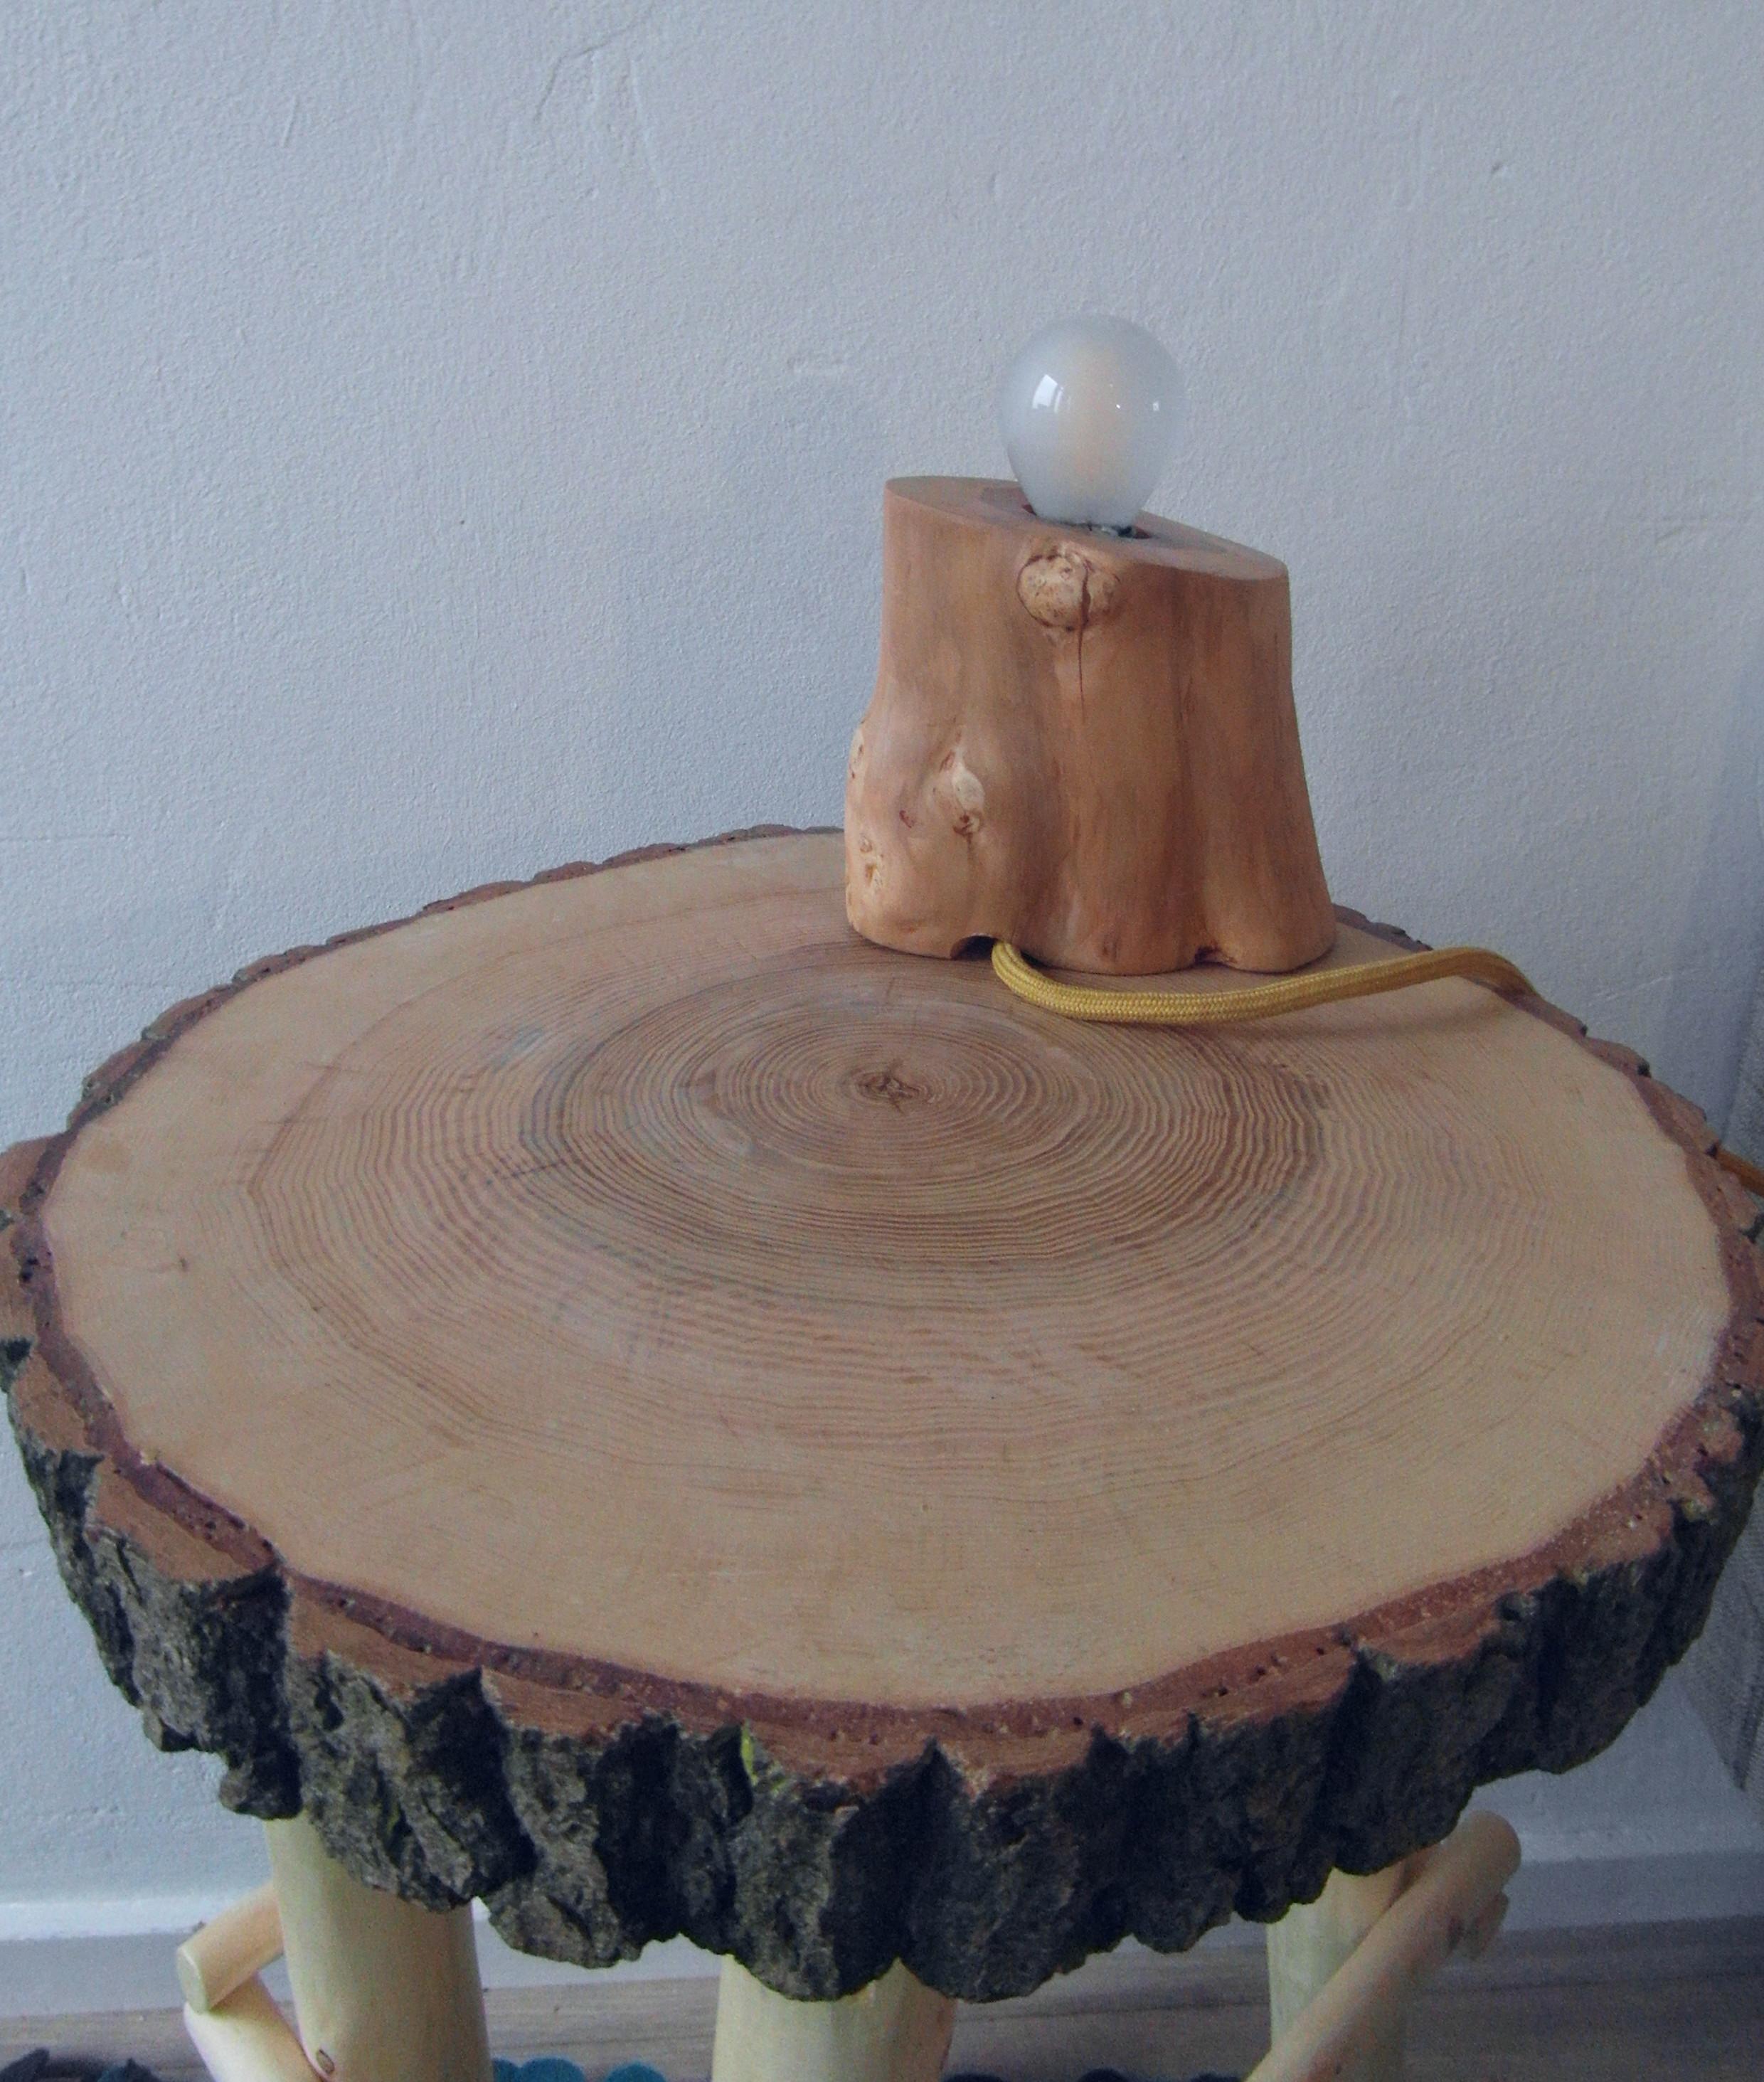 Verschillende accessoires van natuurlijk hout vullen elkaar mooi aan